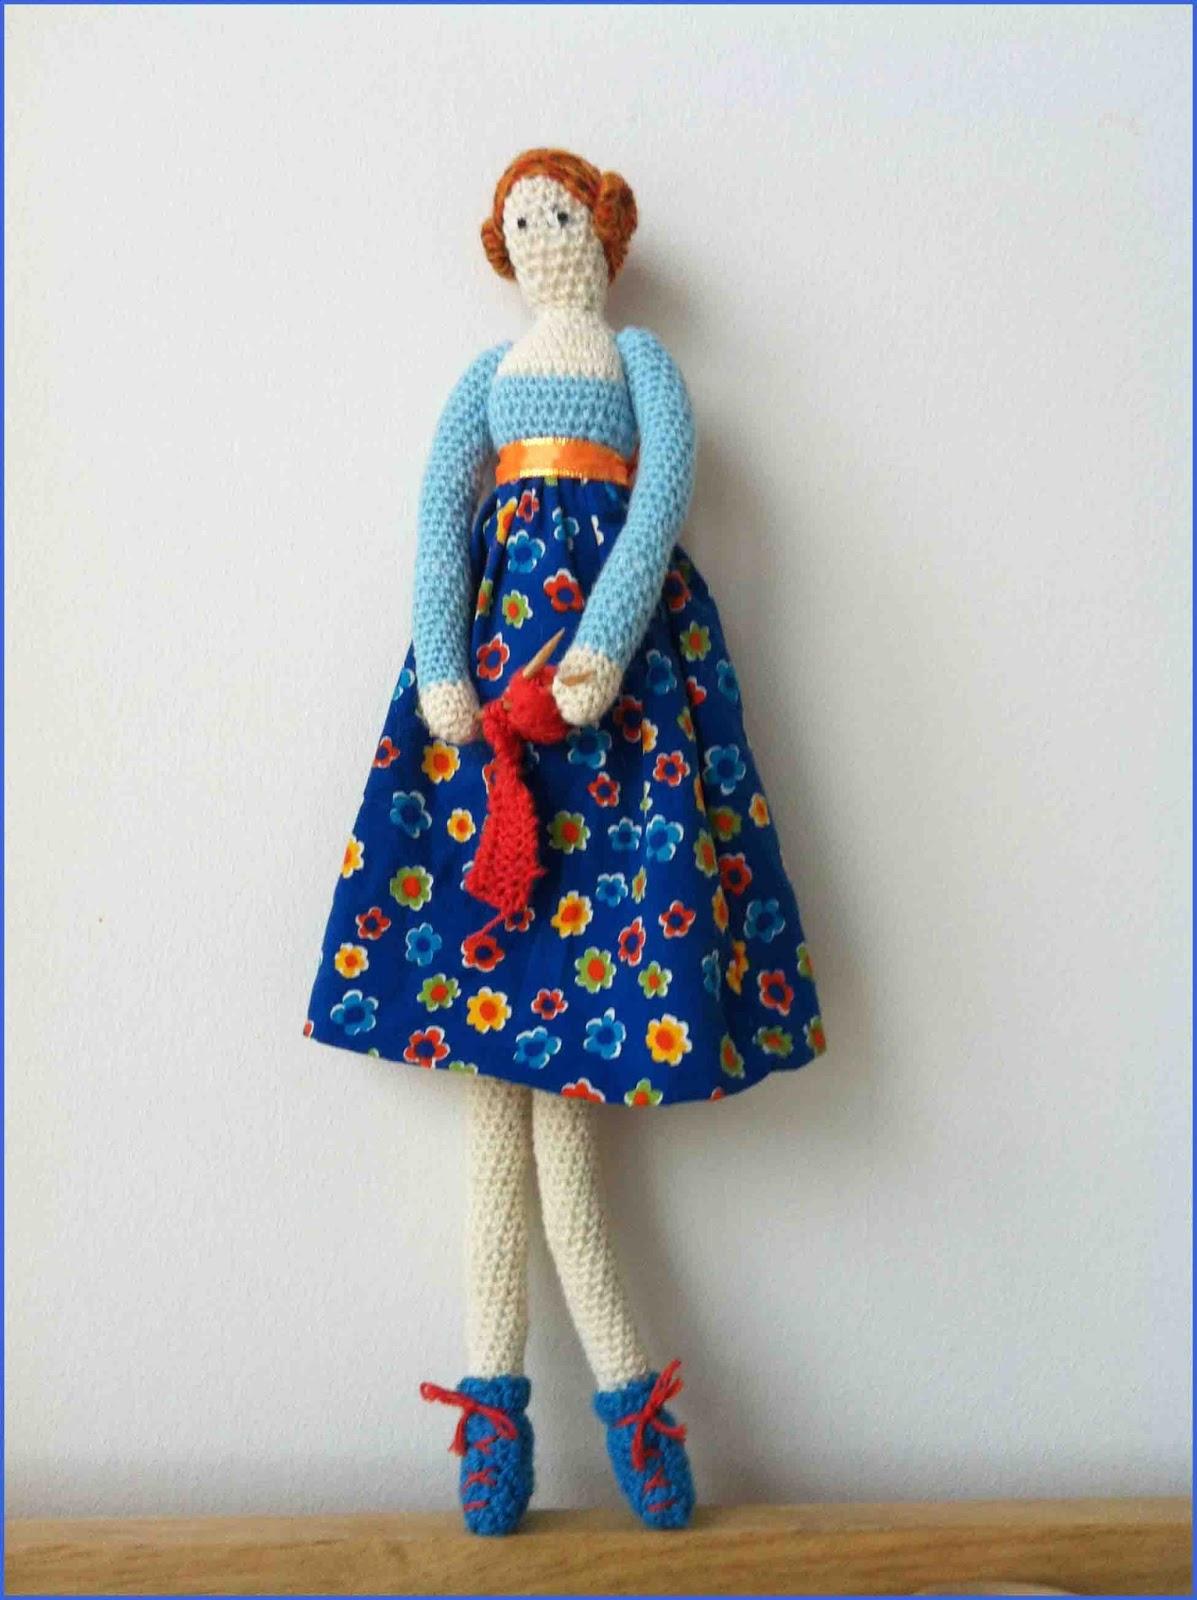 Mijn eigen plekkie: Crochet Tilda creations from all over ...